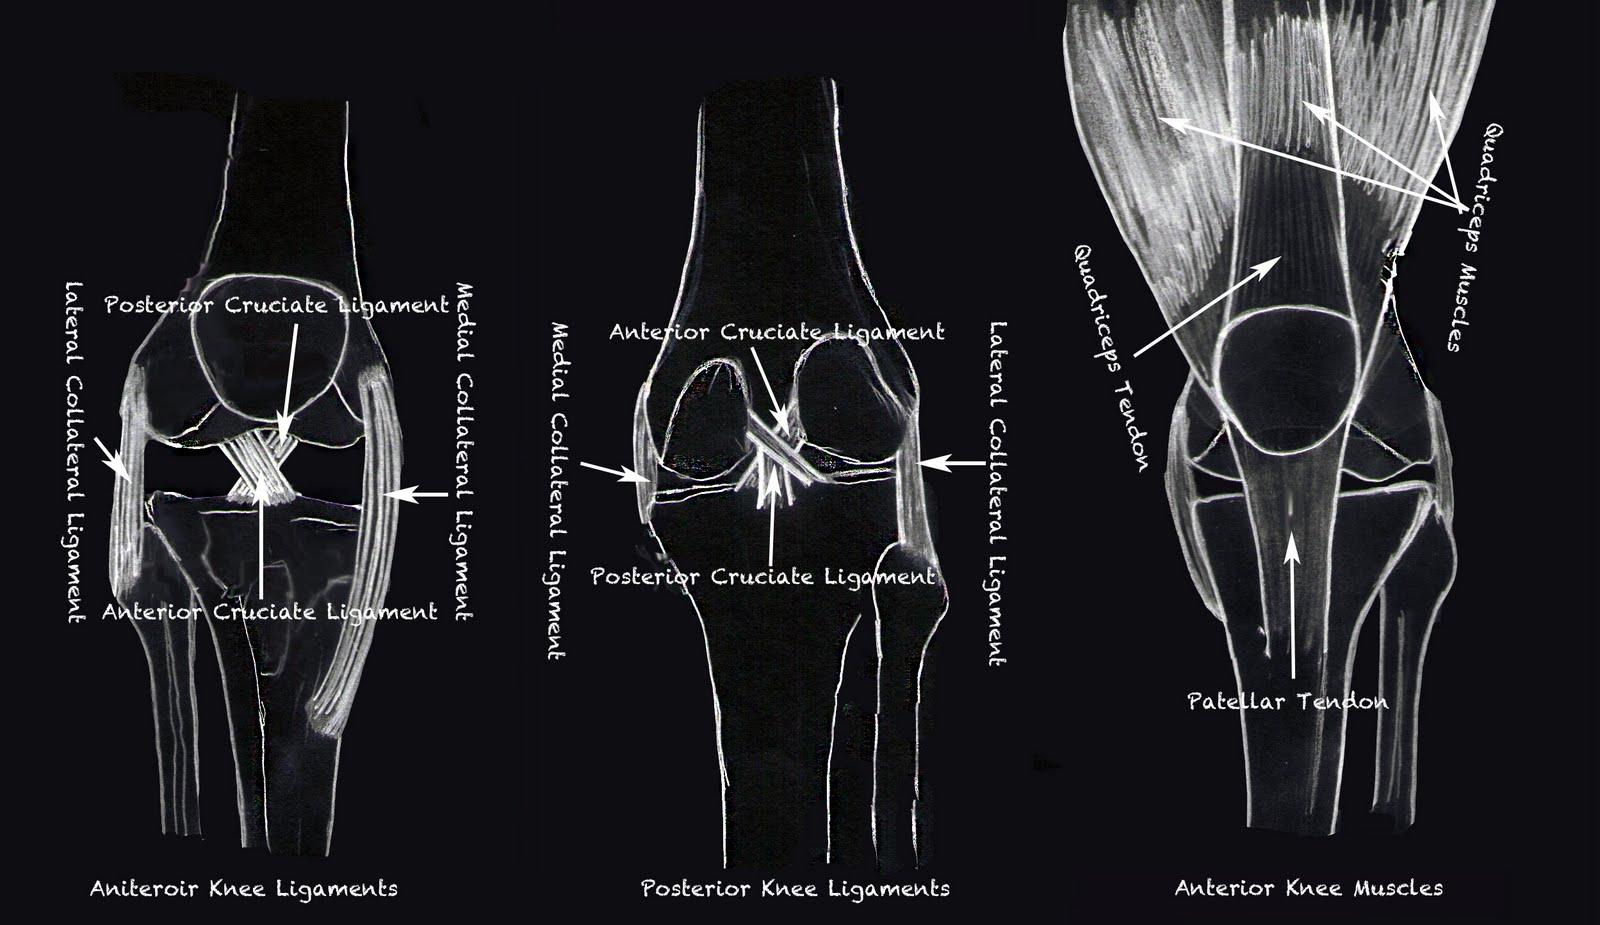 Morfología de la rodilla desde diferentes perspectivas. Fotografía: ExercisesBasics.net.